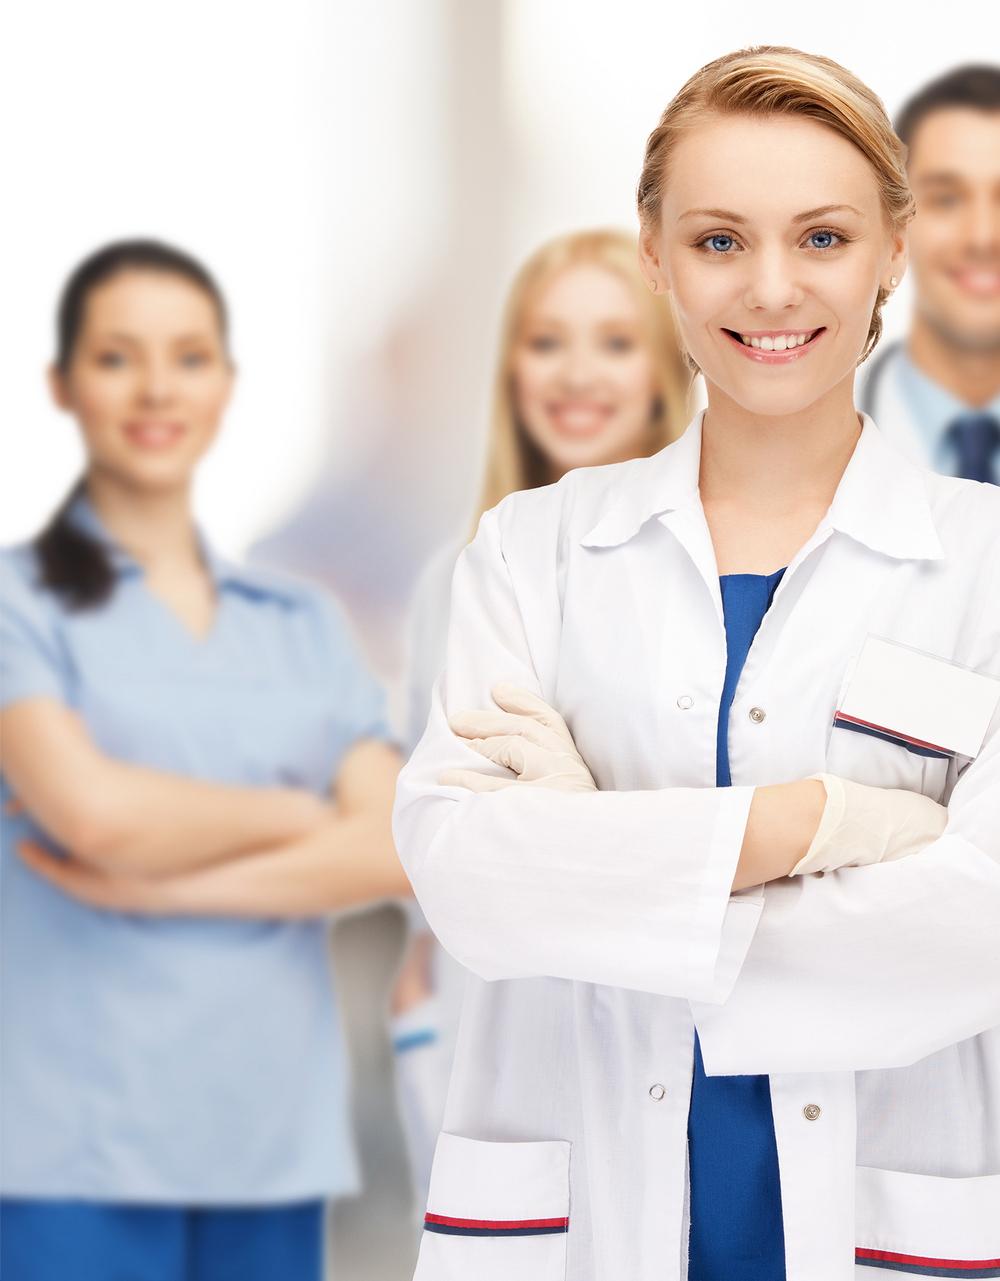 promovare clinica stomatologica, pacienti clinica stomatologica, agentie marketing stomatologic